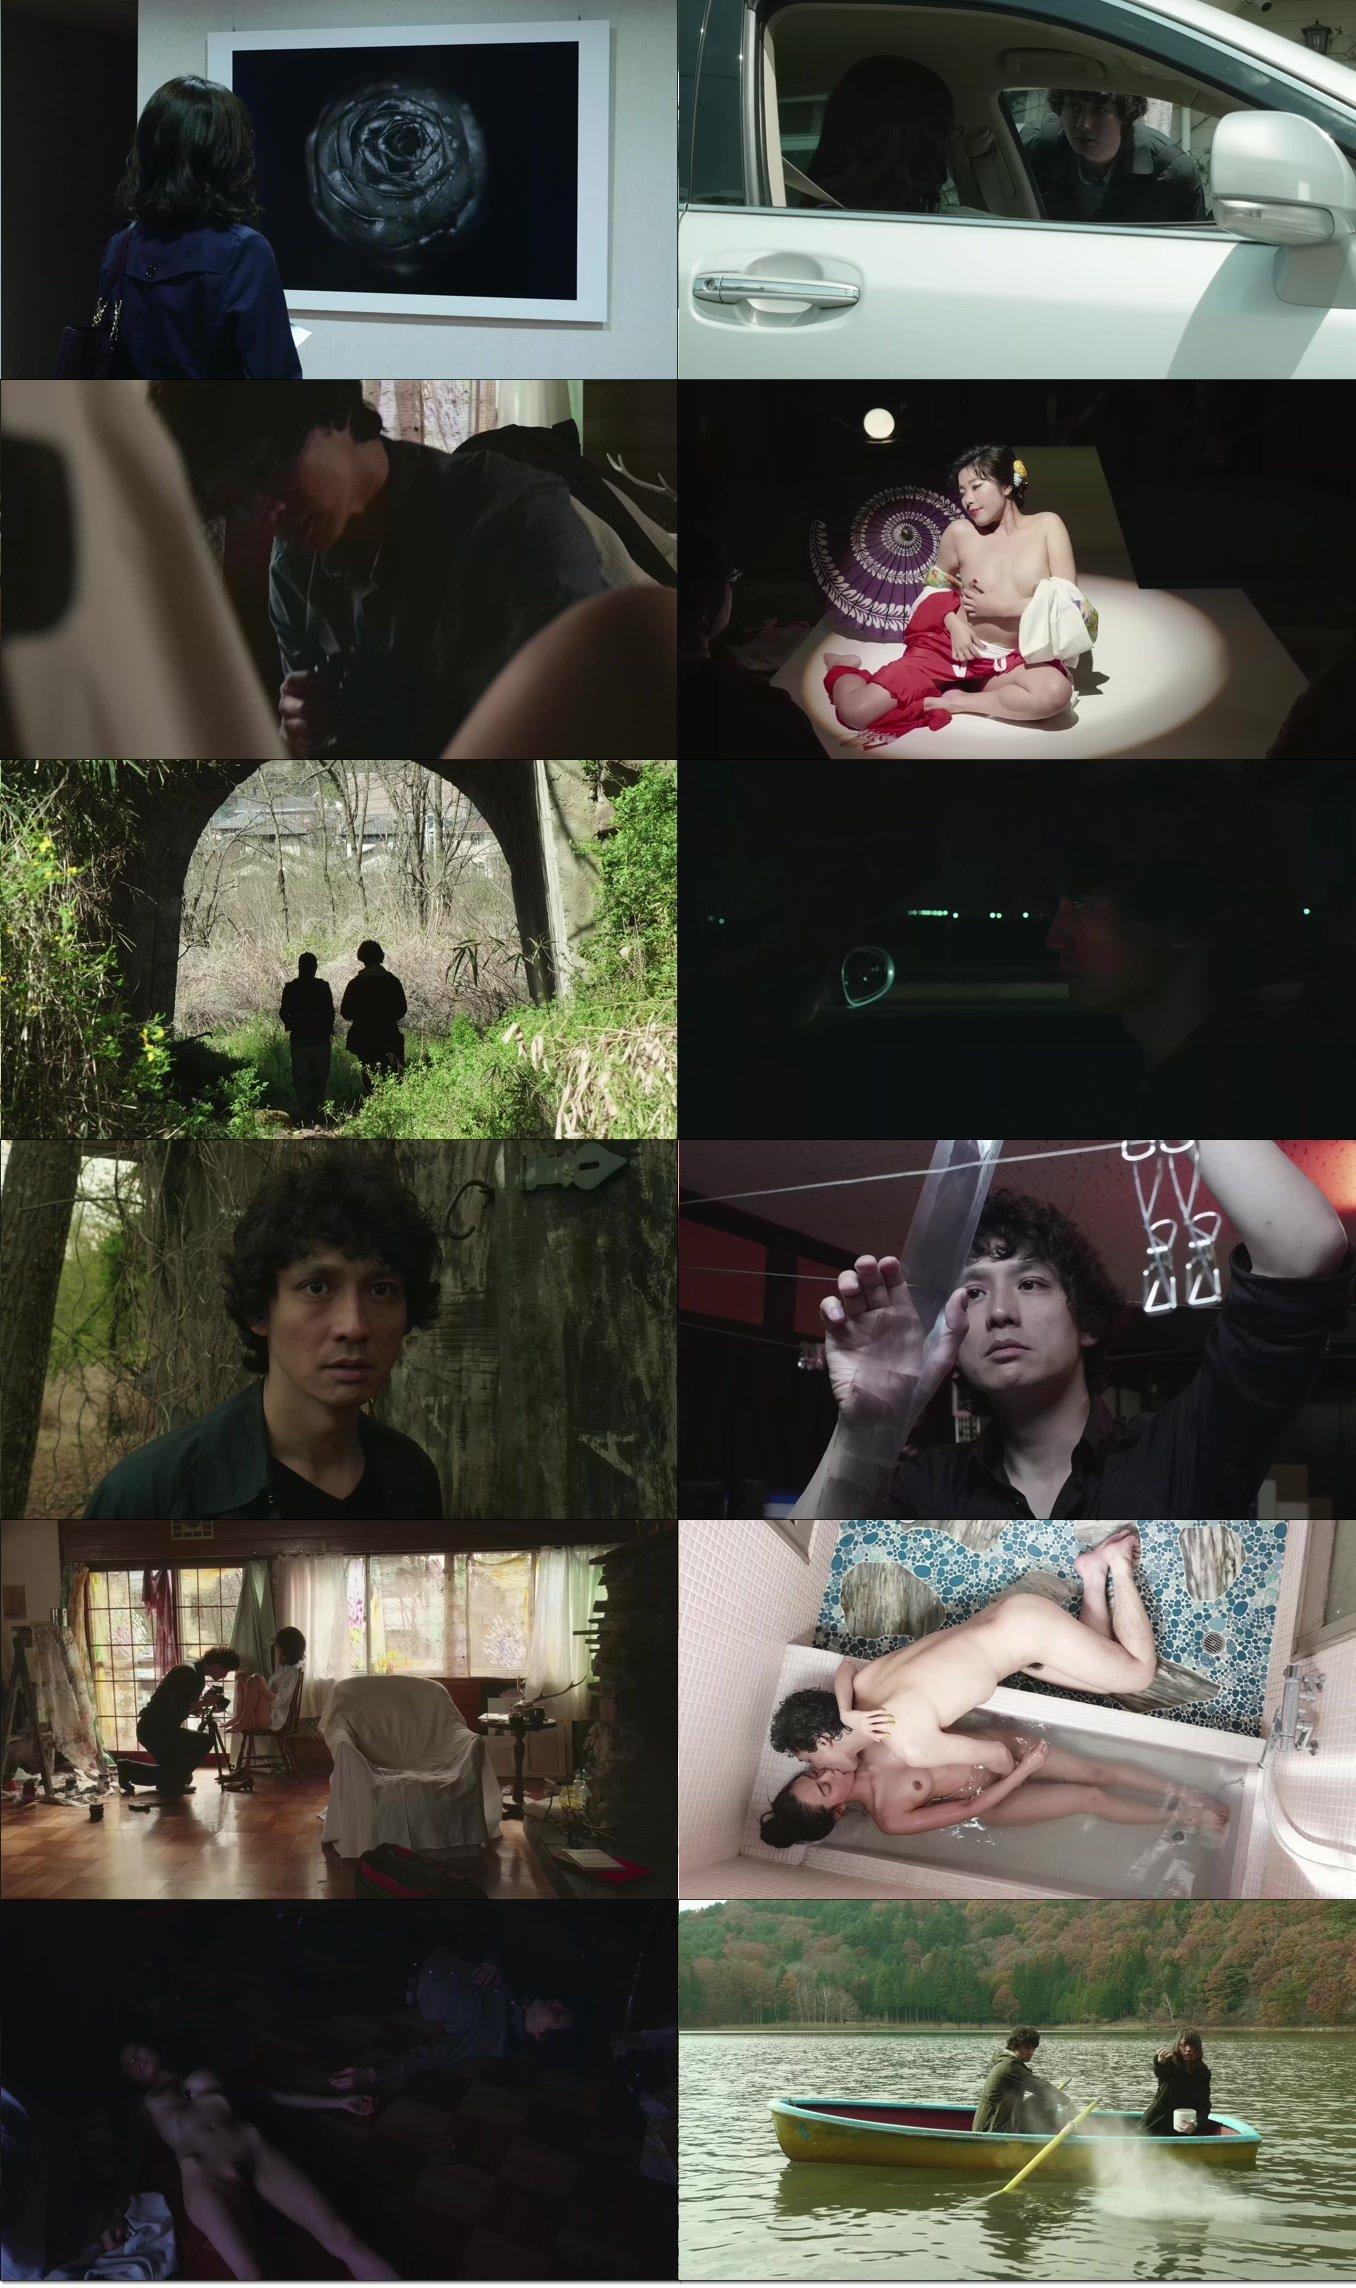 [日本]記憶的靜物.Bluray.1080p[繁簡]